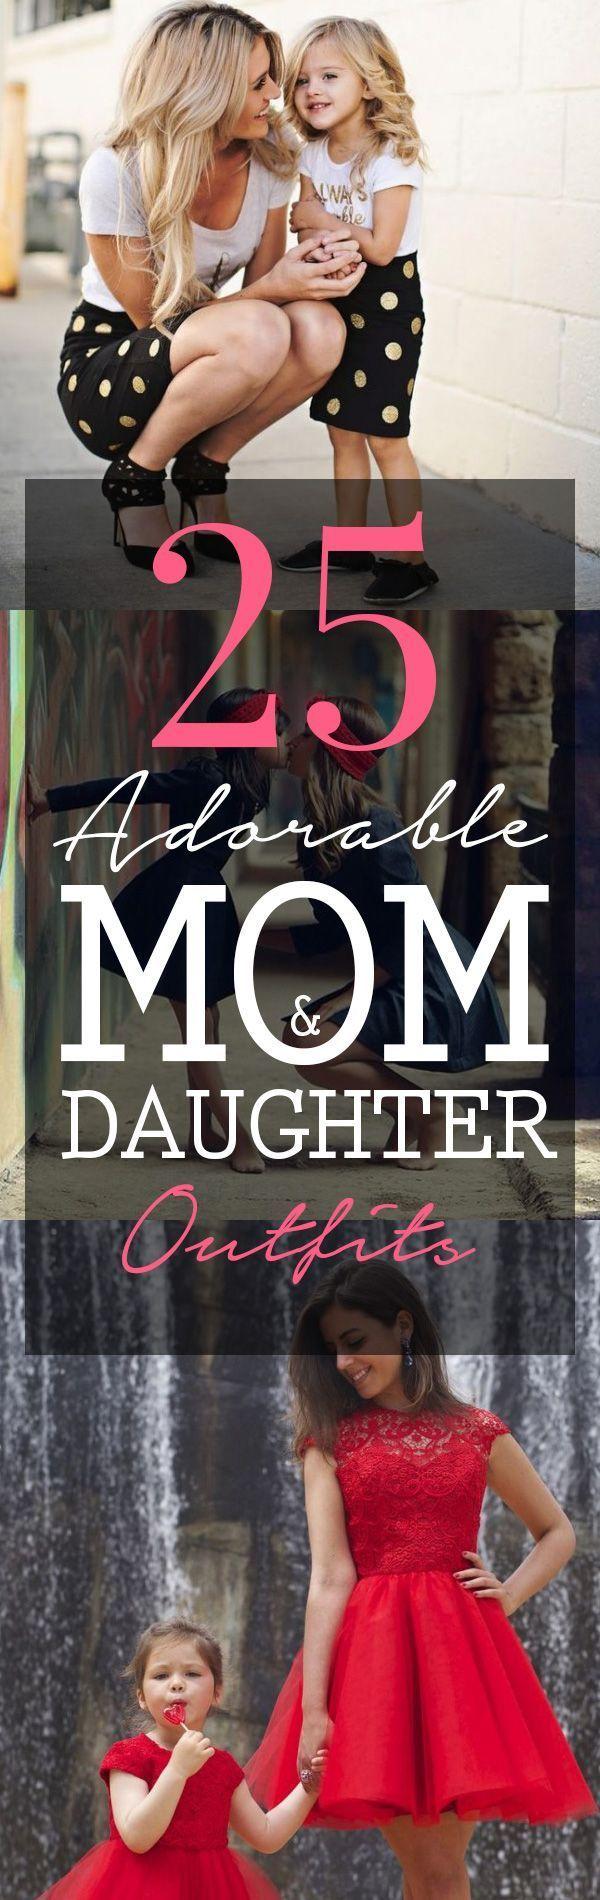 mom and daughter outfits, matching outfits #mom #daughter #matching #outfits www.momooze.com momooze.com momooze.com